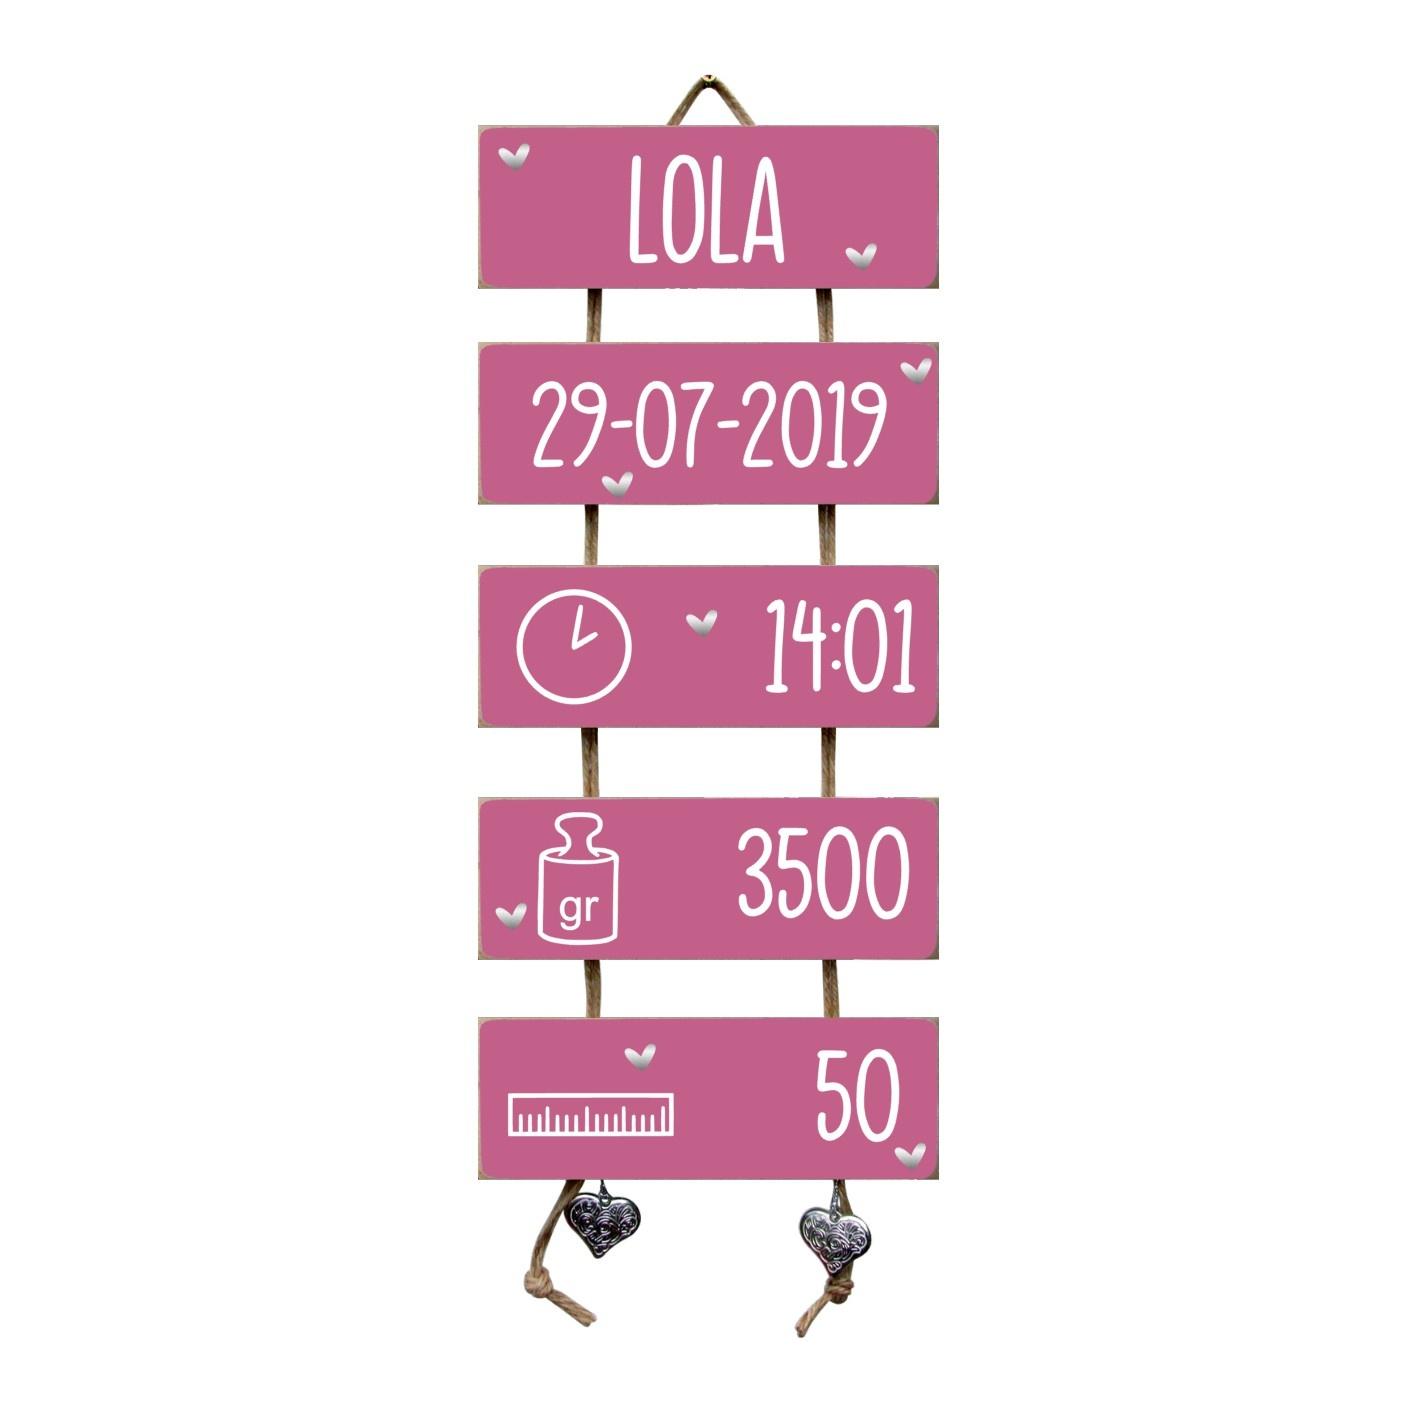 Kraamcadeau Geboorteladder Lola donkerroze